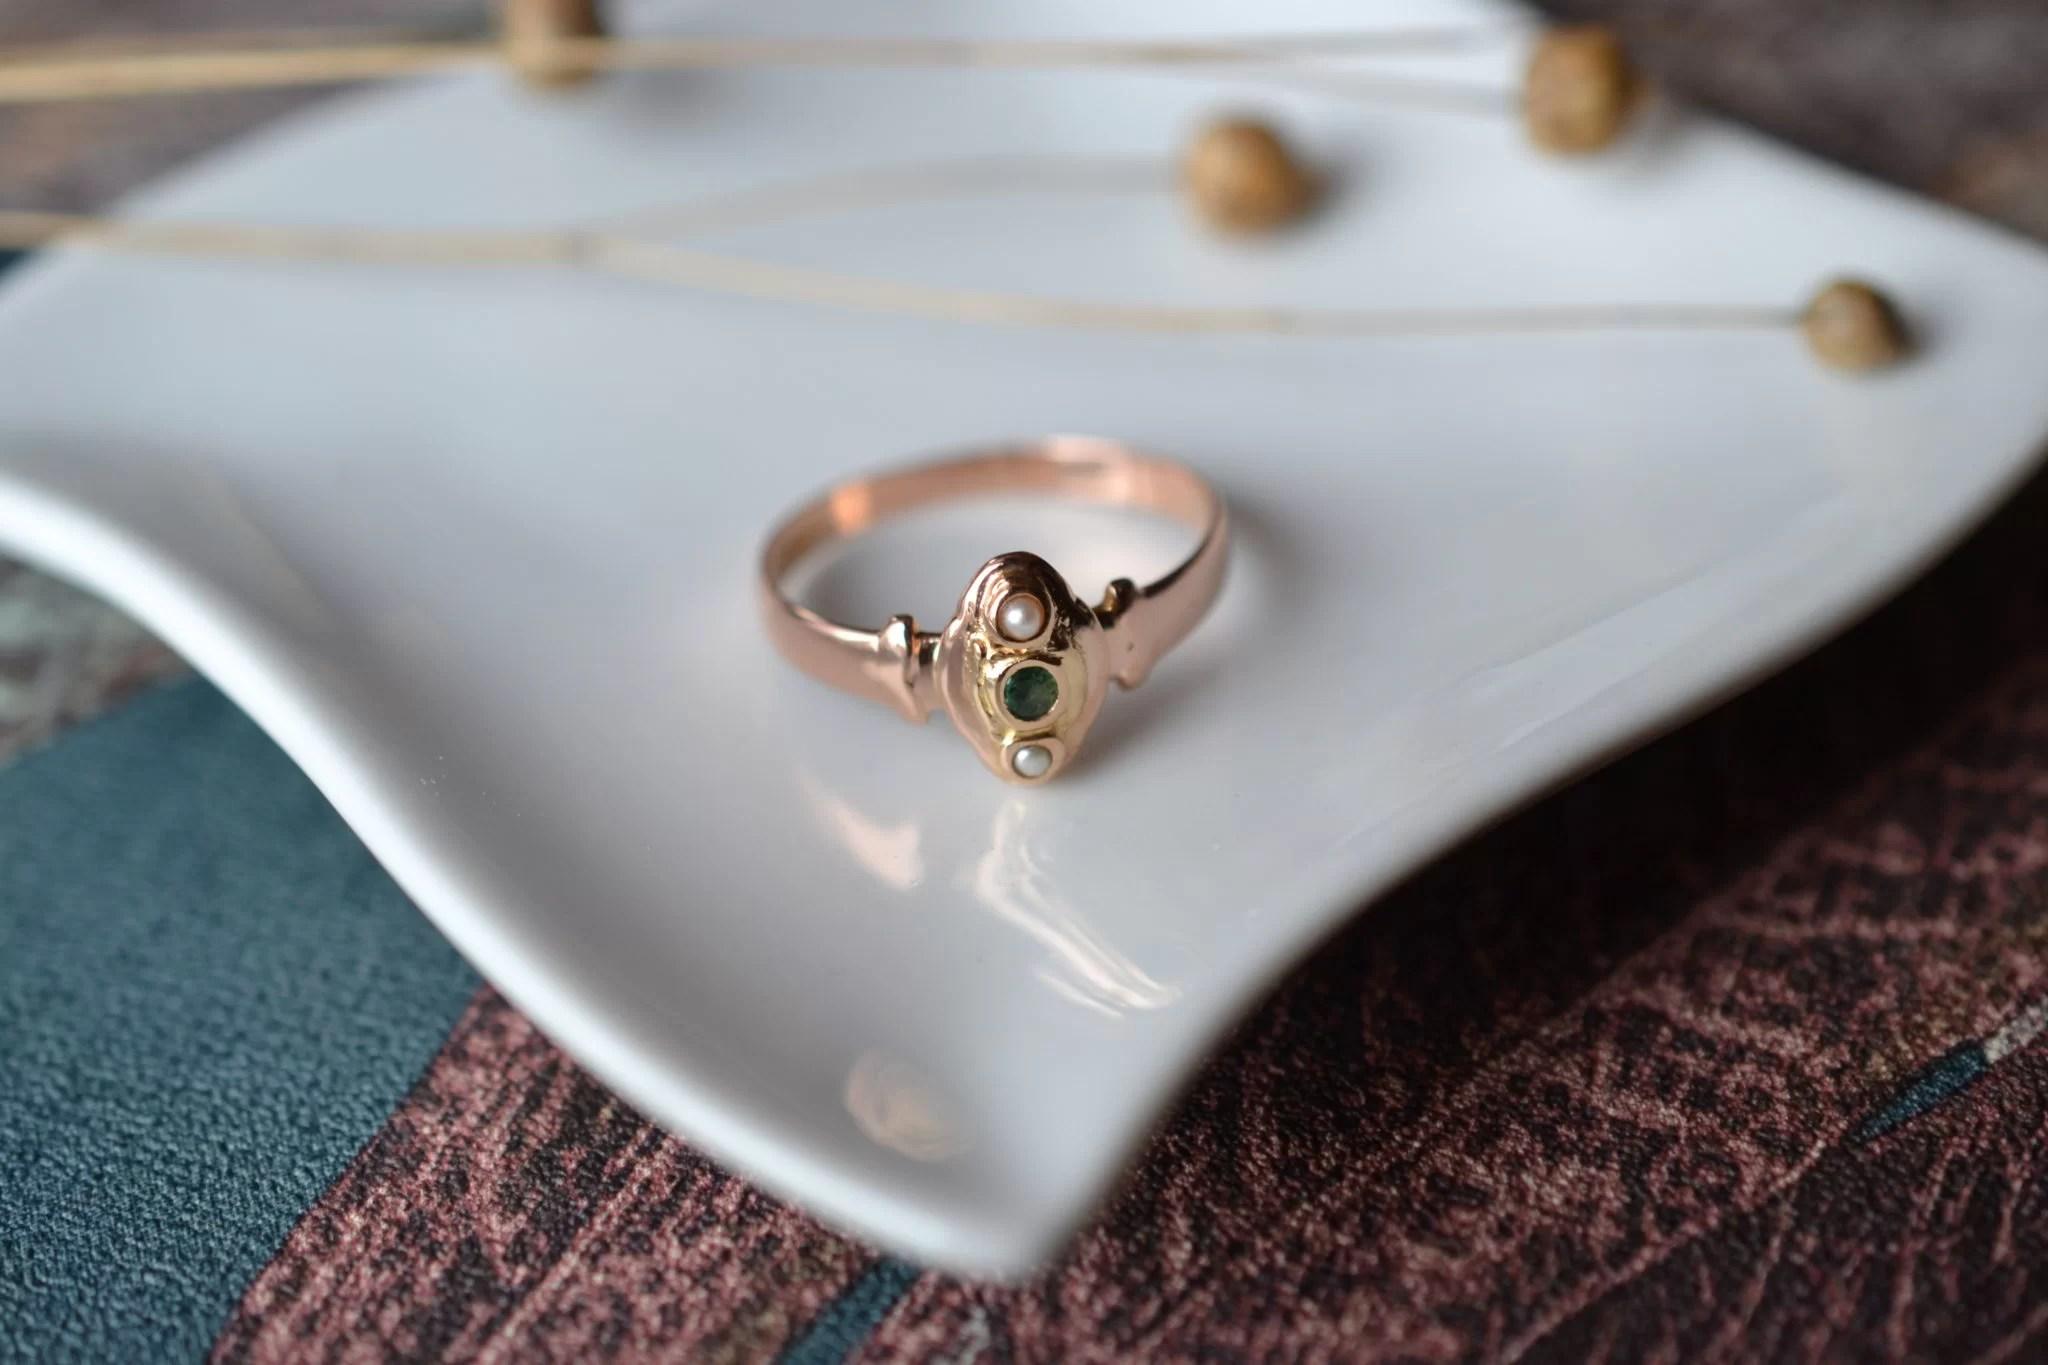 Bague En Or Rose Sertie D_une émeraude Et De Deux Perles Sur Un Décor En Or Jaune - Bague De Fiançailles Vintage